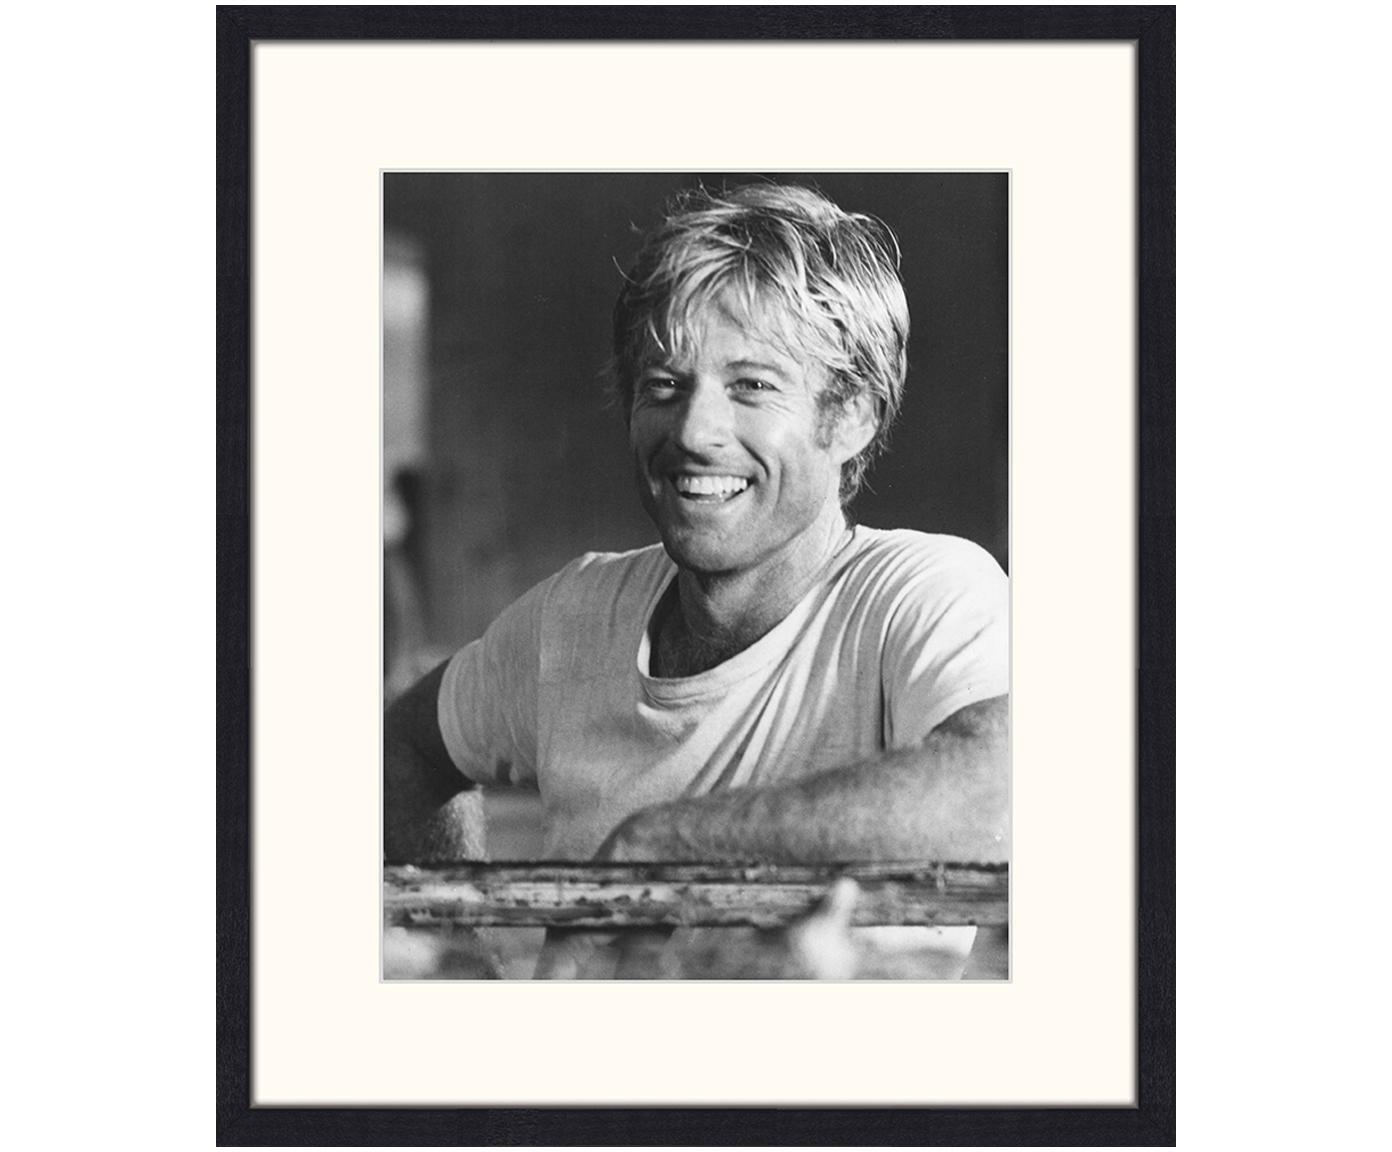 Gerahmter Digitaldruck Robert Redford, Bild: Digitaldruck auf Papier, , Rahmen: Holz, lackiert, Front: Plexiglas, Bild: Schwarz, Weiß Rahmen: Schwarz, 53 x 63 cm